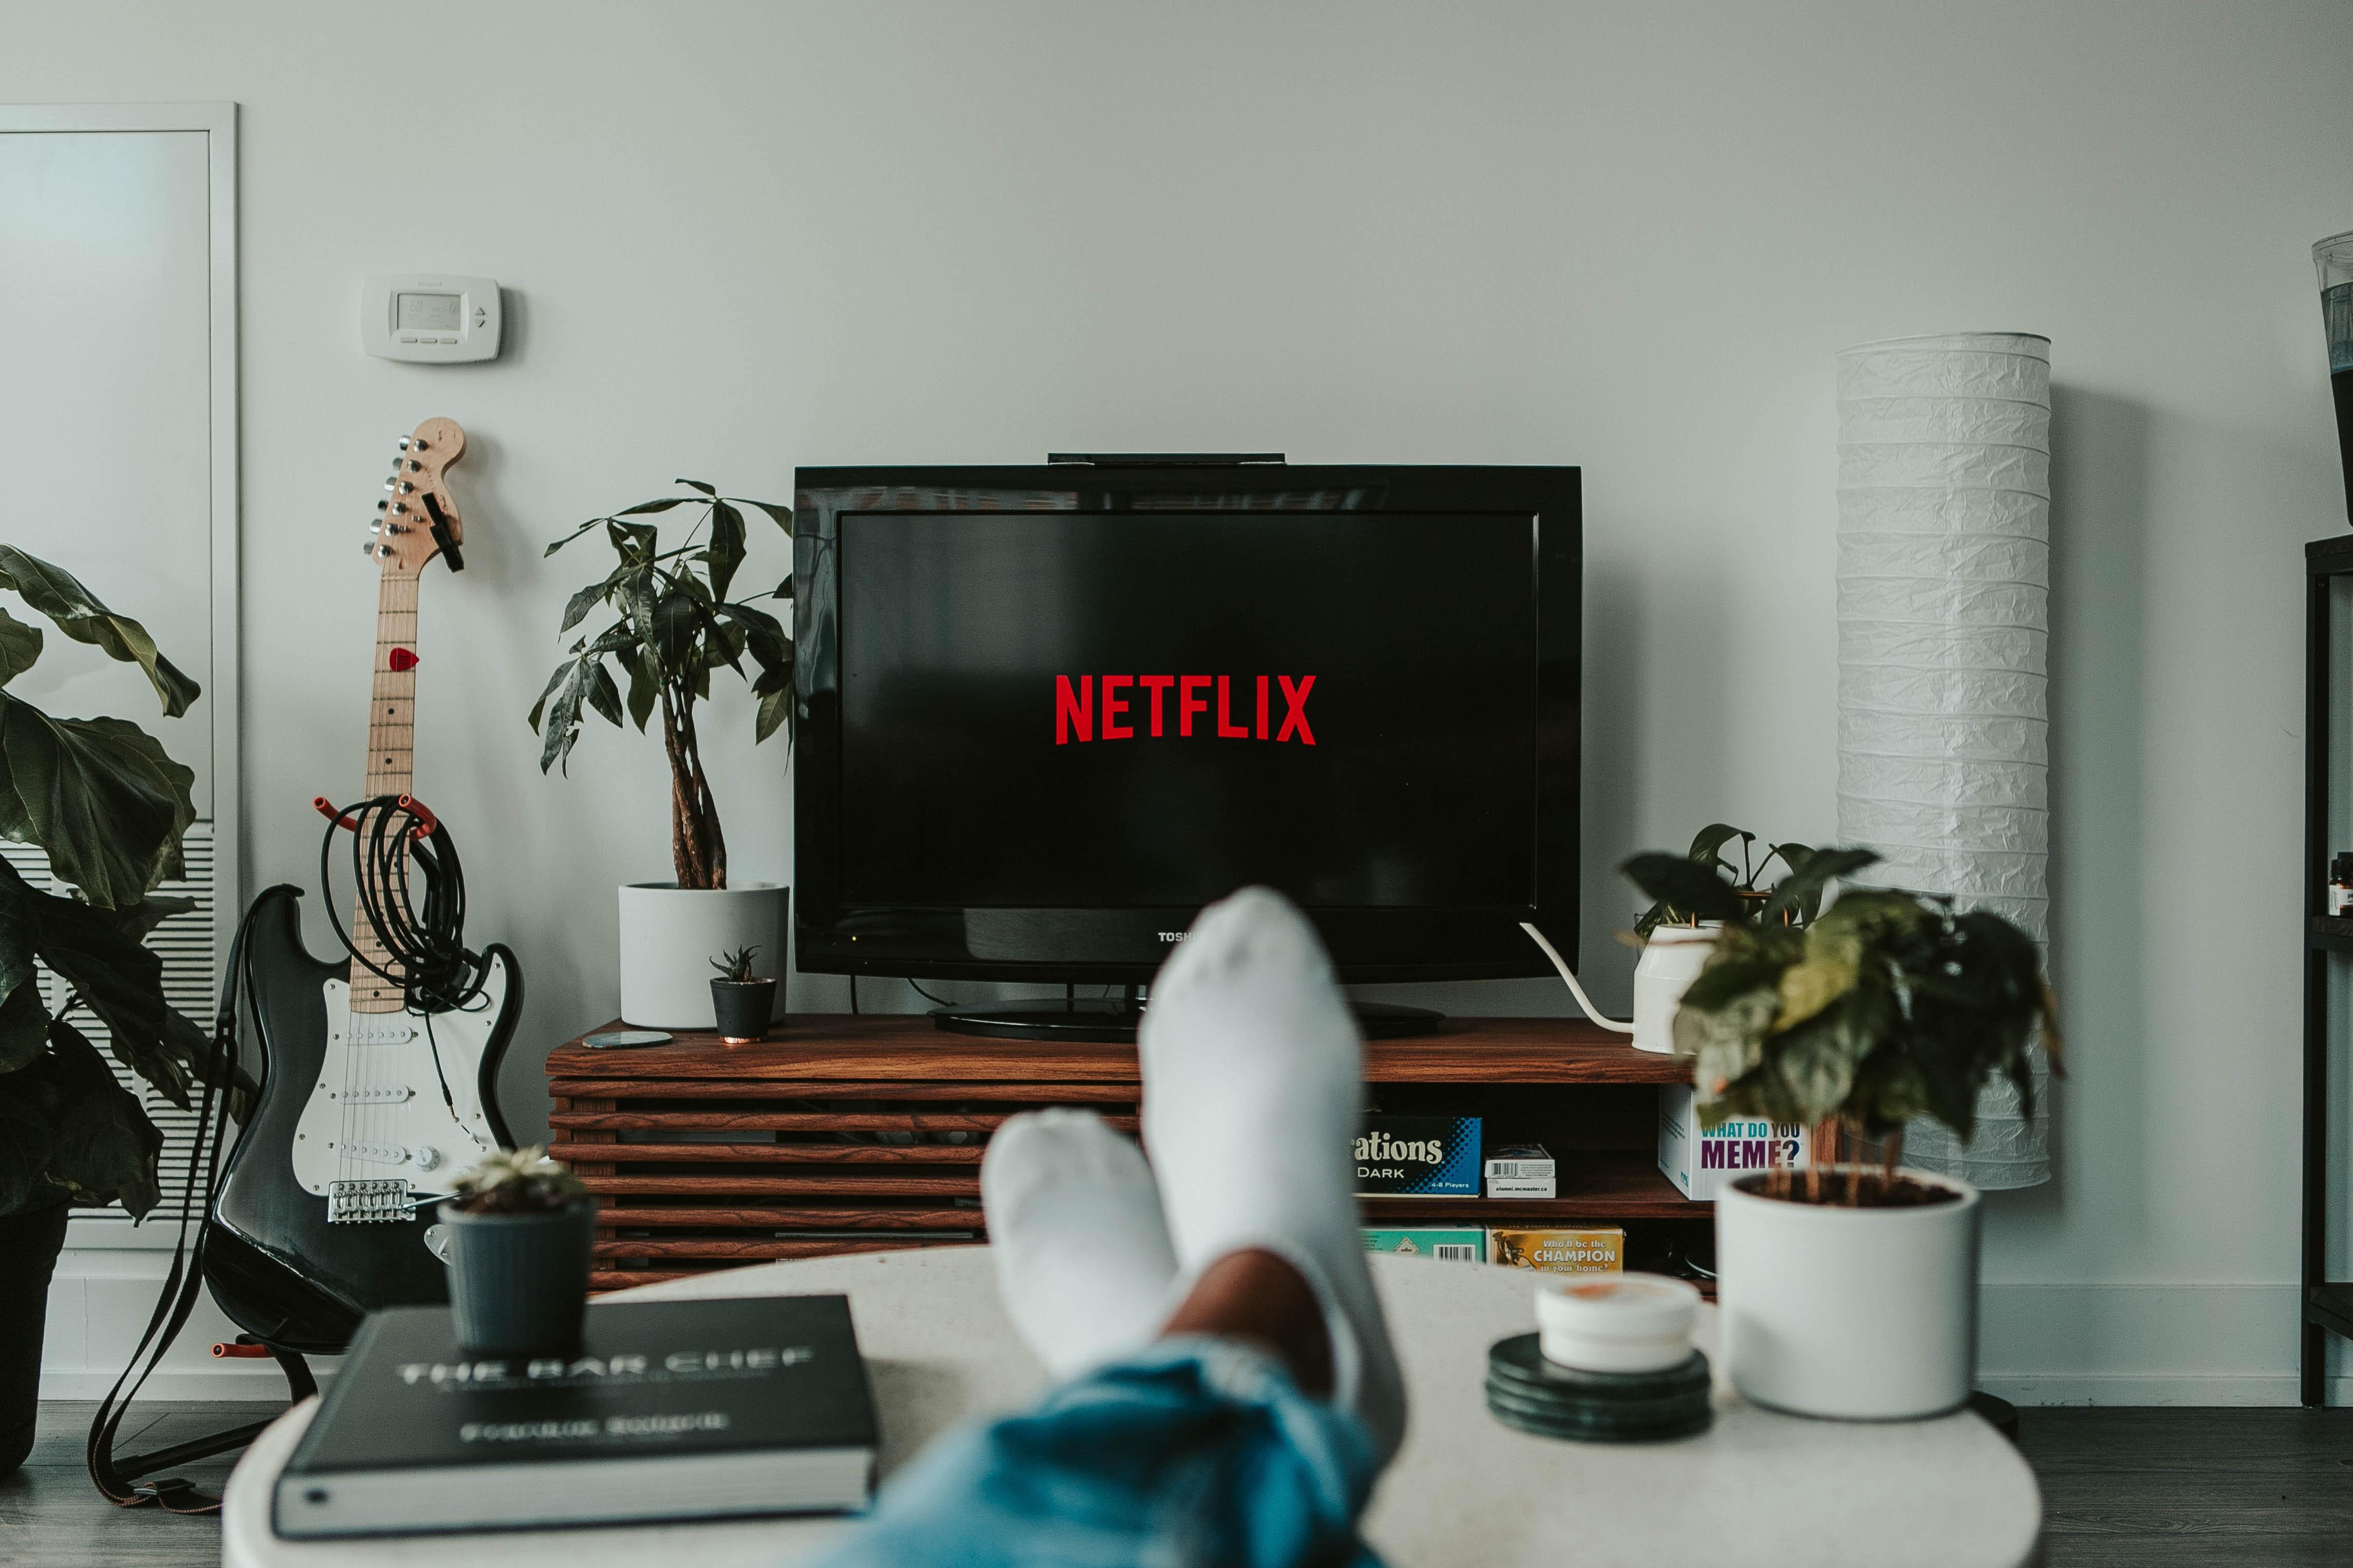 Serie tv per ragazzi: ecco 3 valide proposte su Netflix